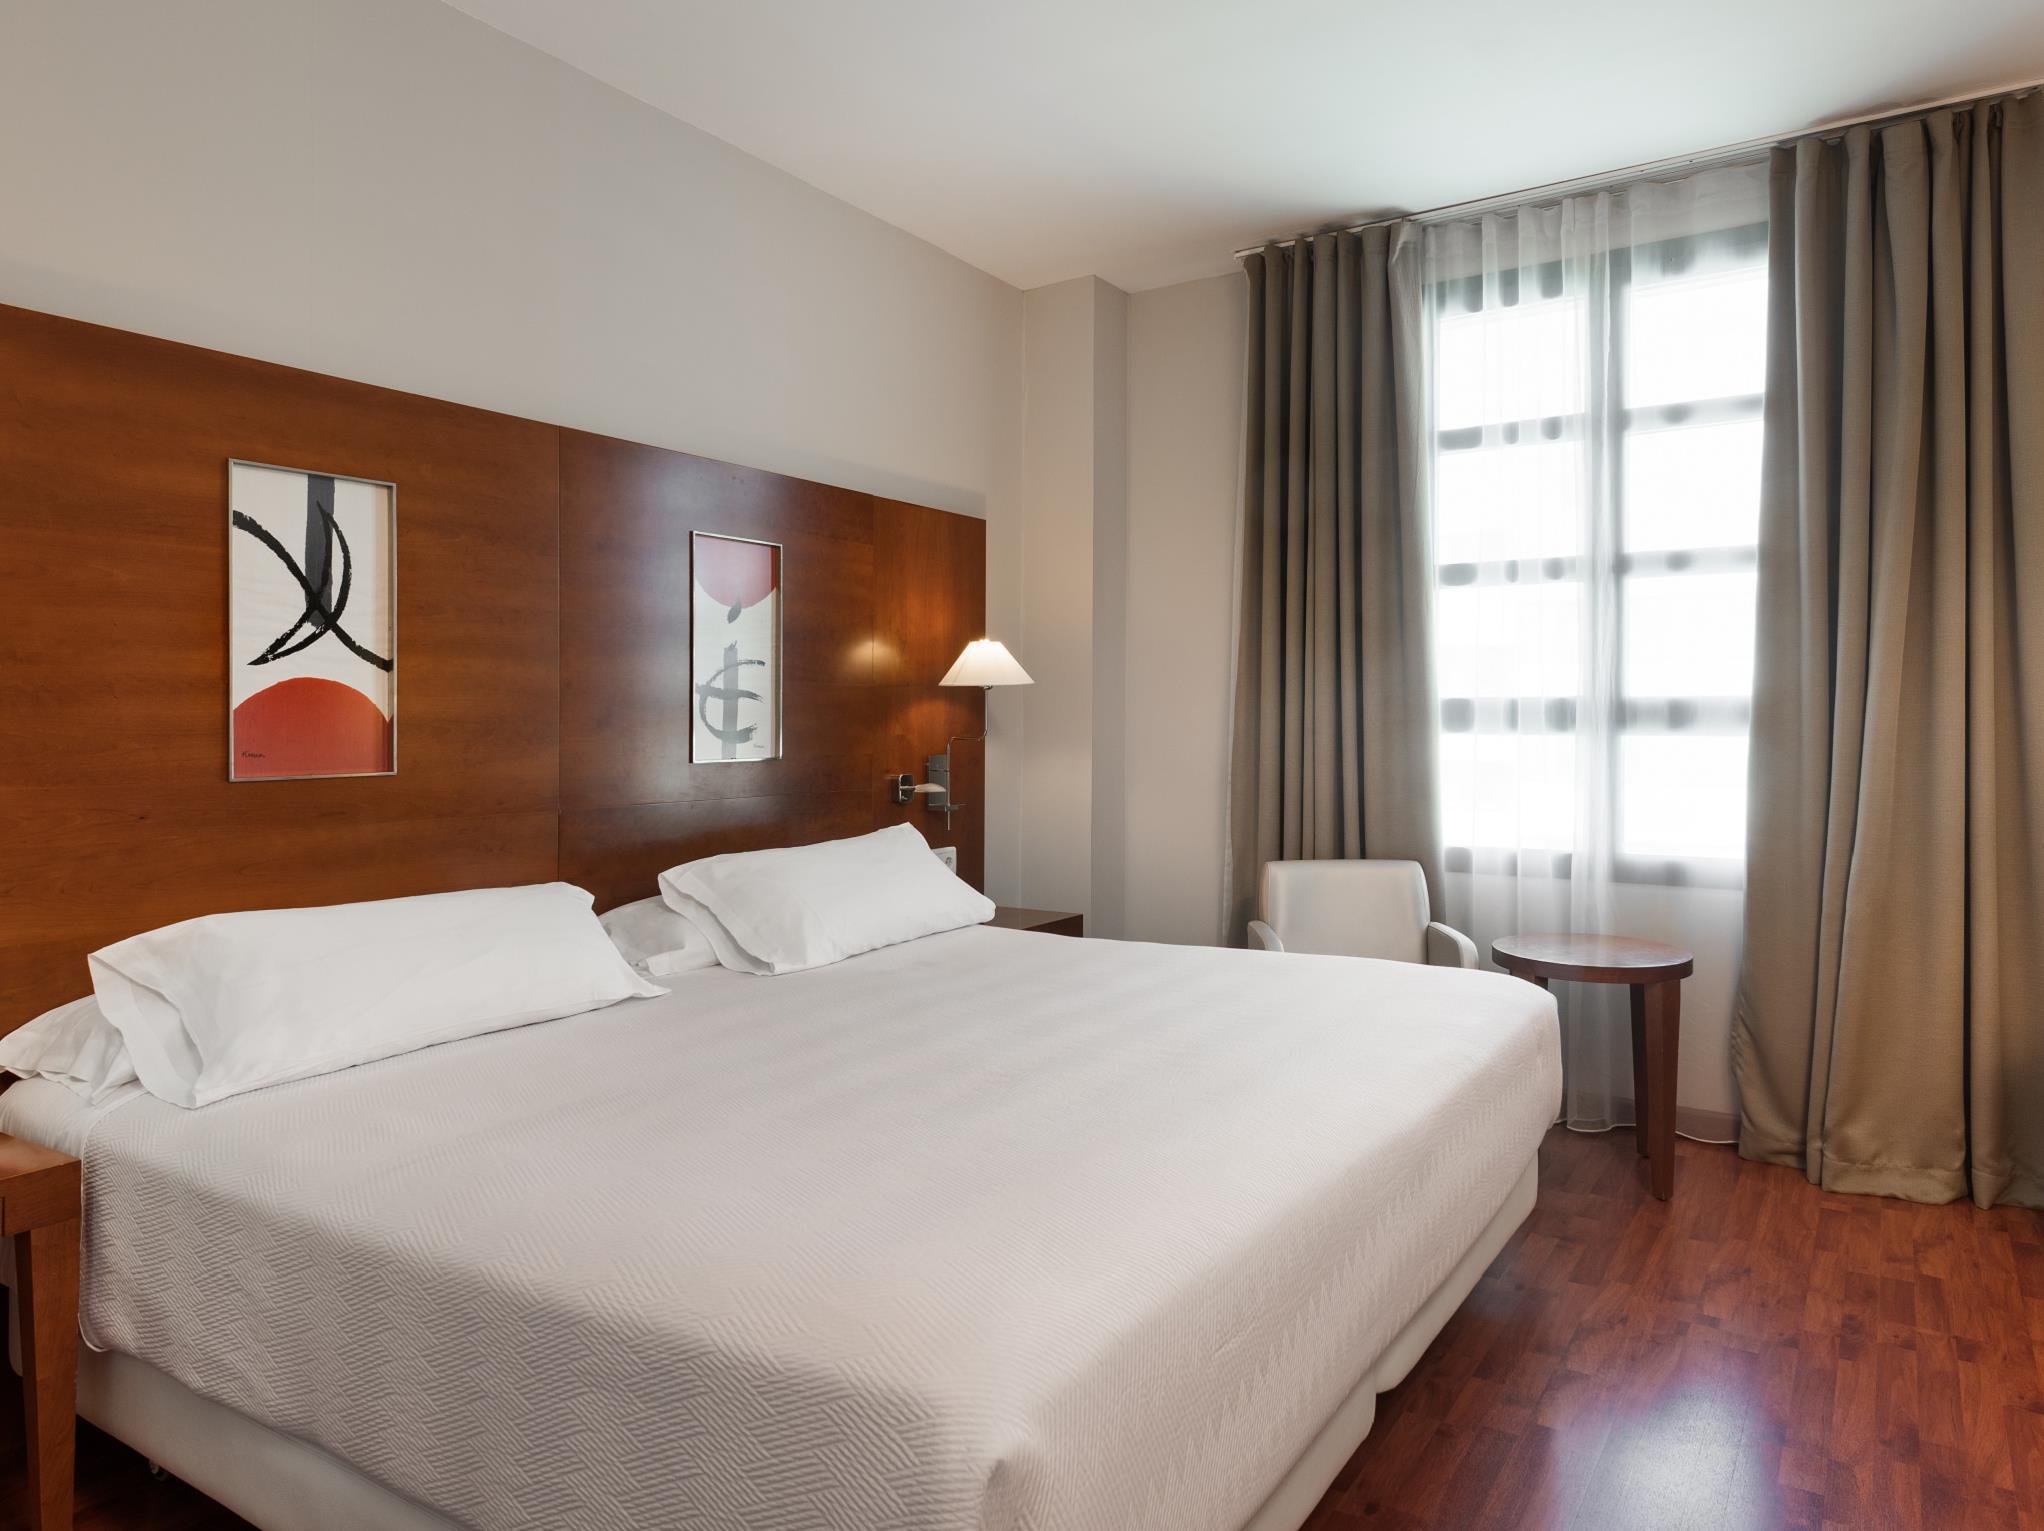 โรงแรมเอ็นเอช ลาส อาร์เตส